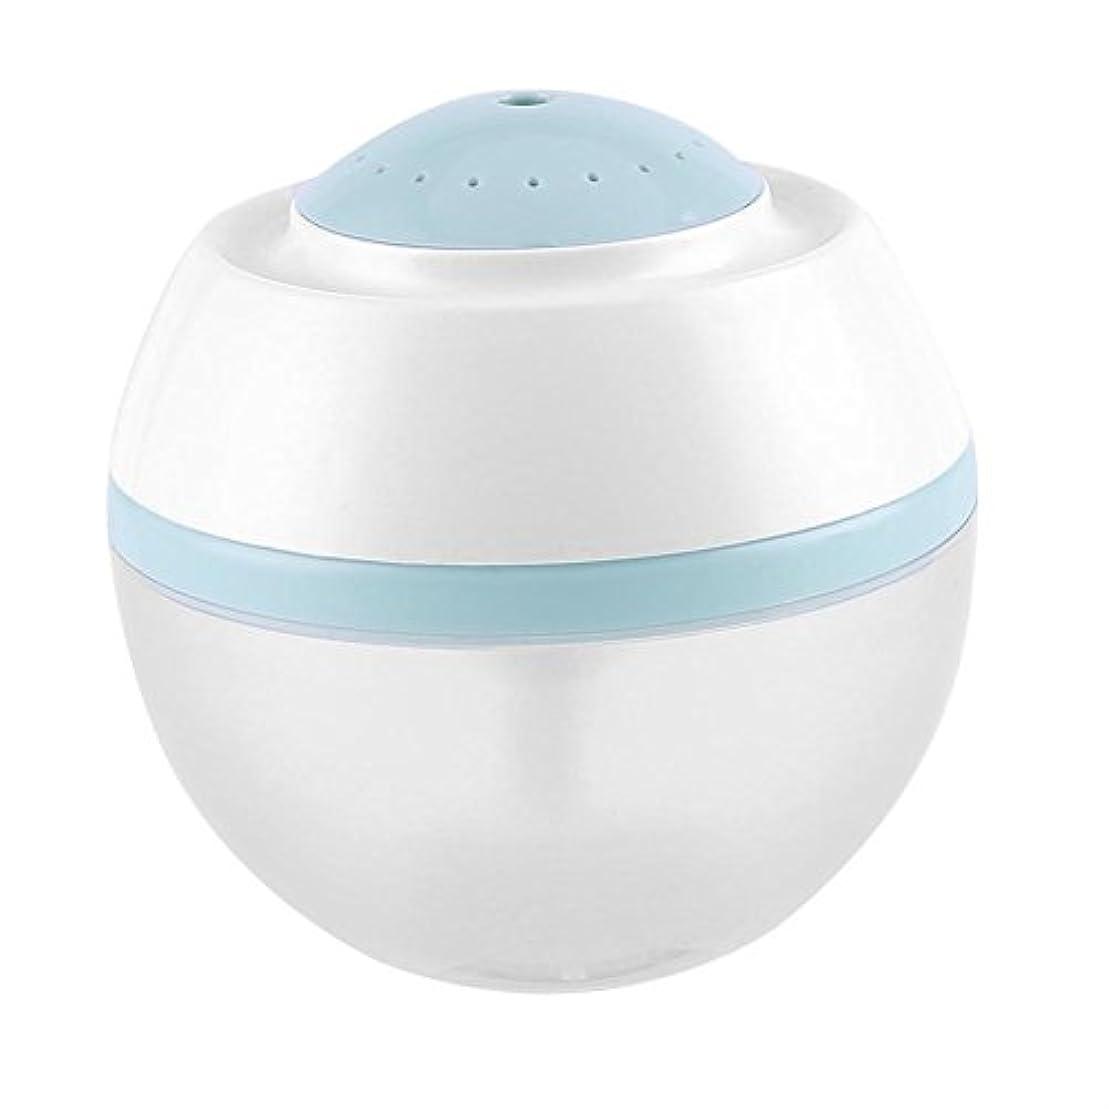 妨げる電球承知しました超音波クールミスト加湿器、500ml空気清浄器気化器ディフューザー7色LED付きプレミアム加湿ユニット(青)